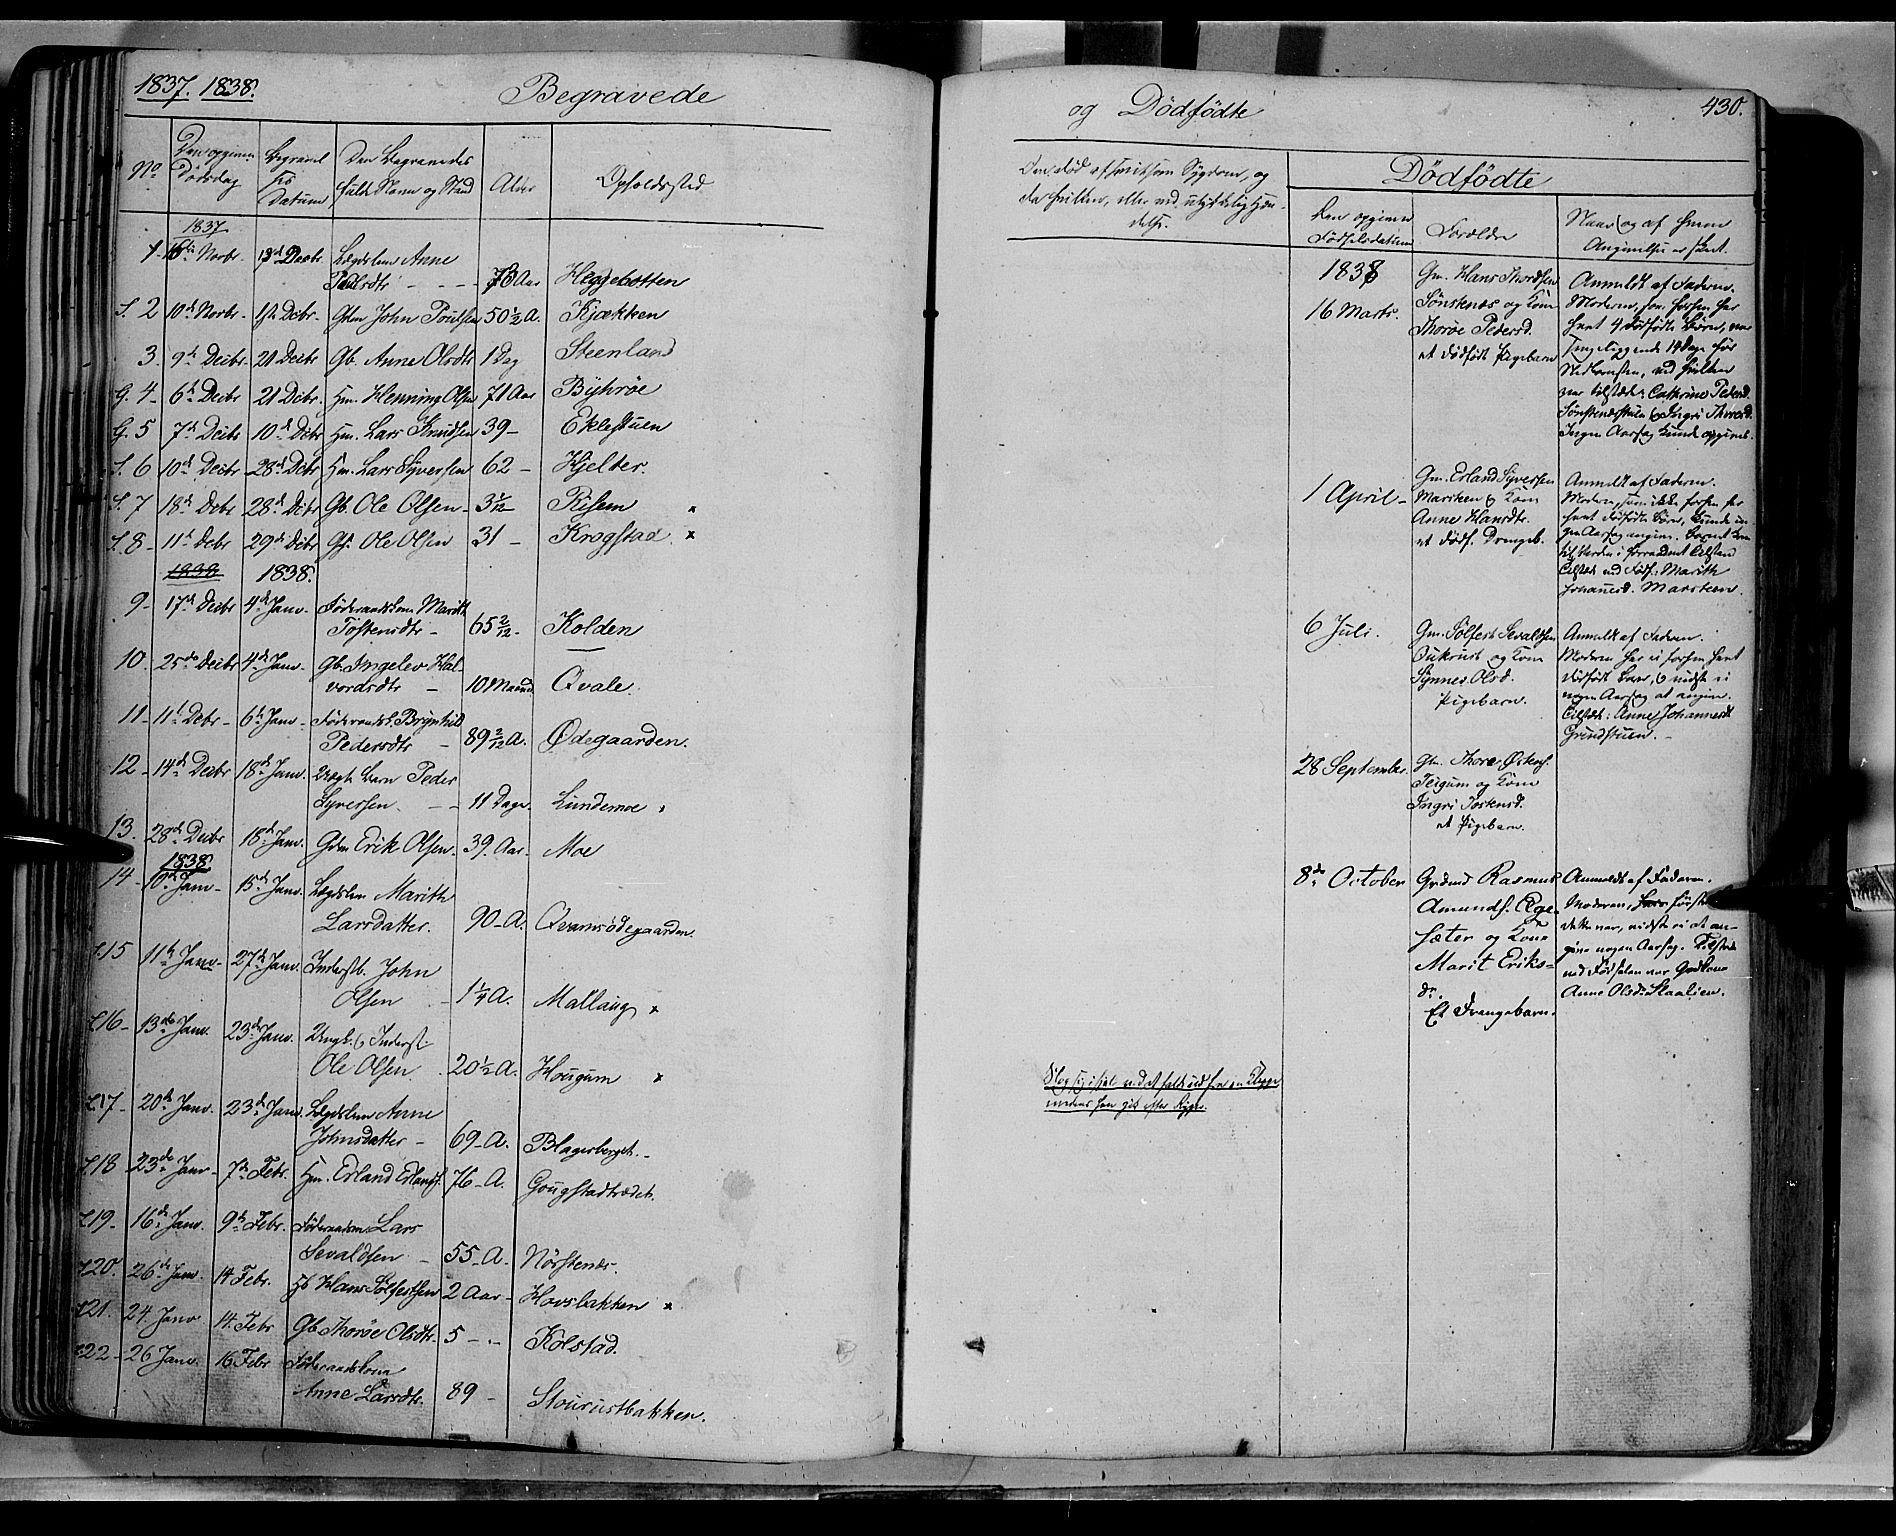 SAH, Lom prestekontor, K/L0006: Ministerialbok nr. 6B, 1837-1863, s. 430